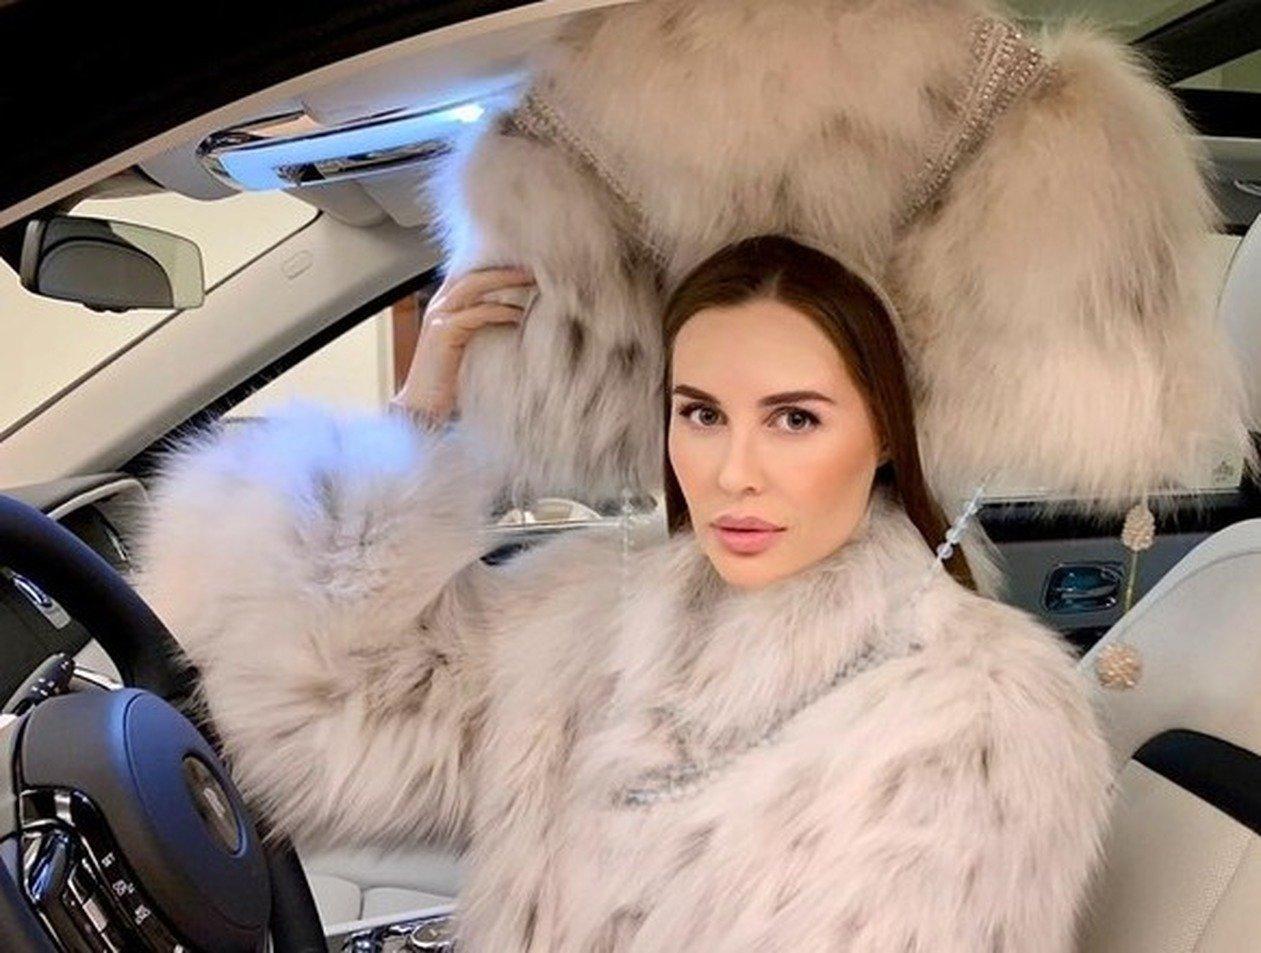 Юлия Михалкова похвасталась роскошным Rolls-Royce Phantom за 25 млн